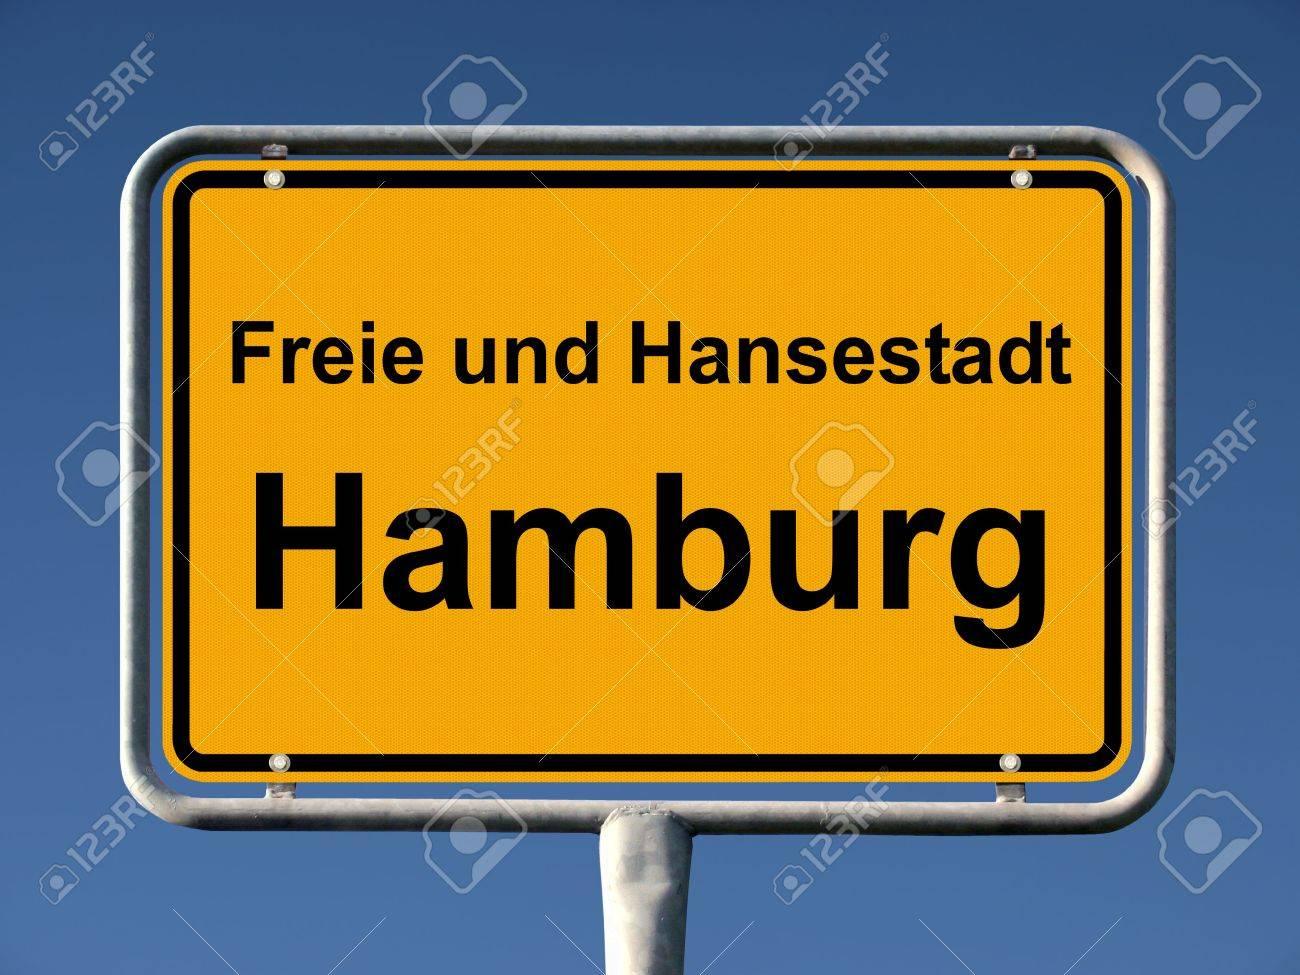 Common city sign of Hamburg, Germany Stock Photo - 7076177